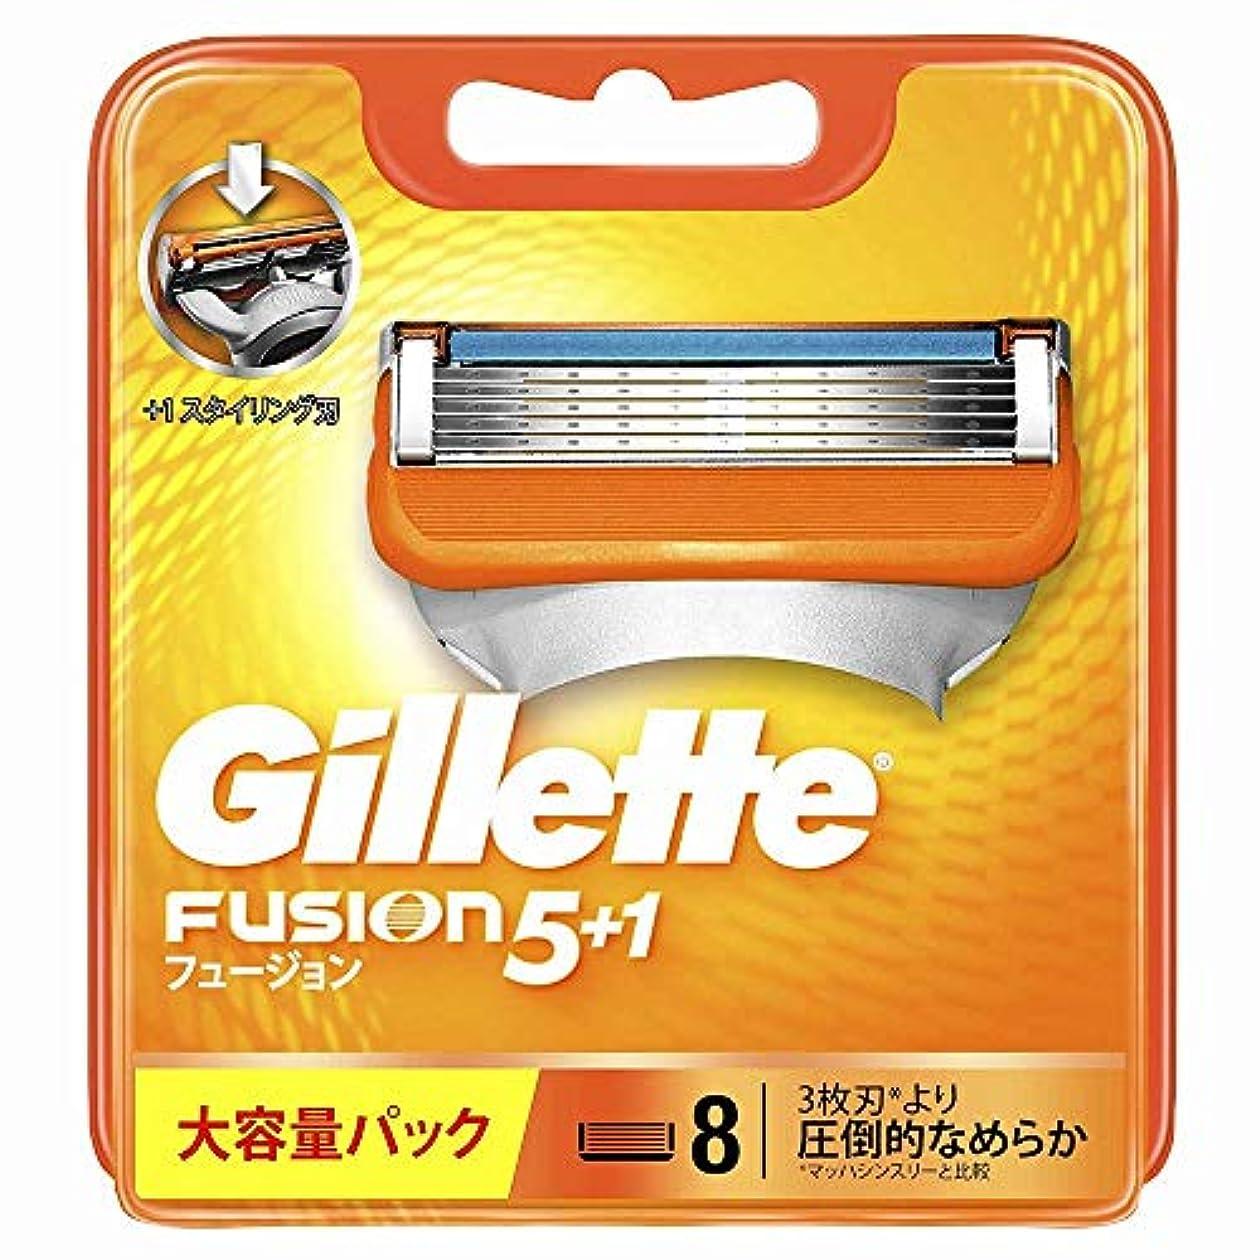 堤防堂々たる川ジレット 髭剃り フュージョン5+1 替刃8個入